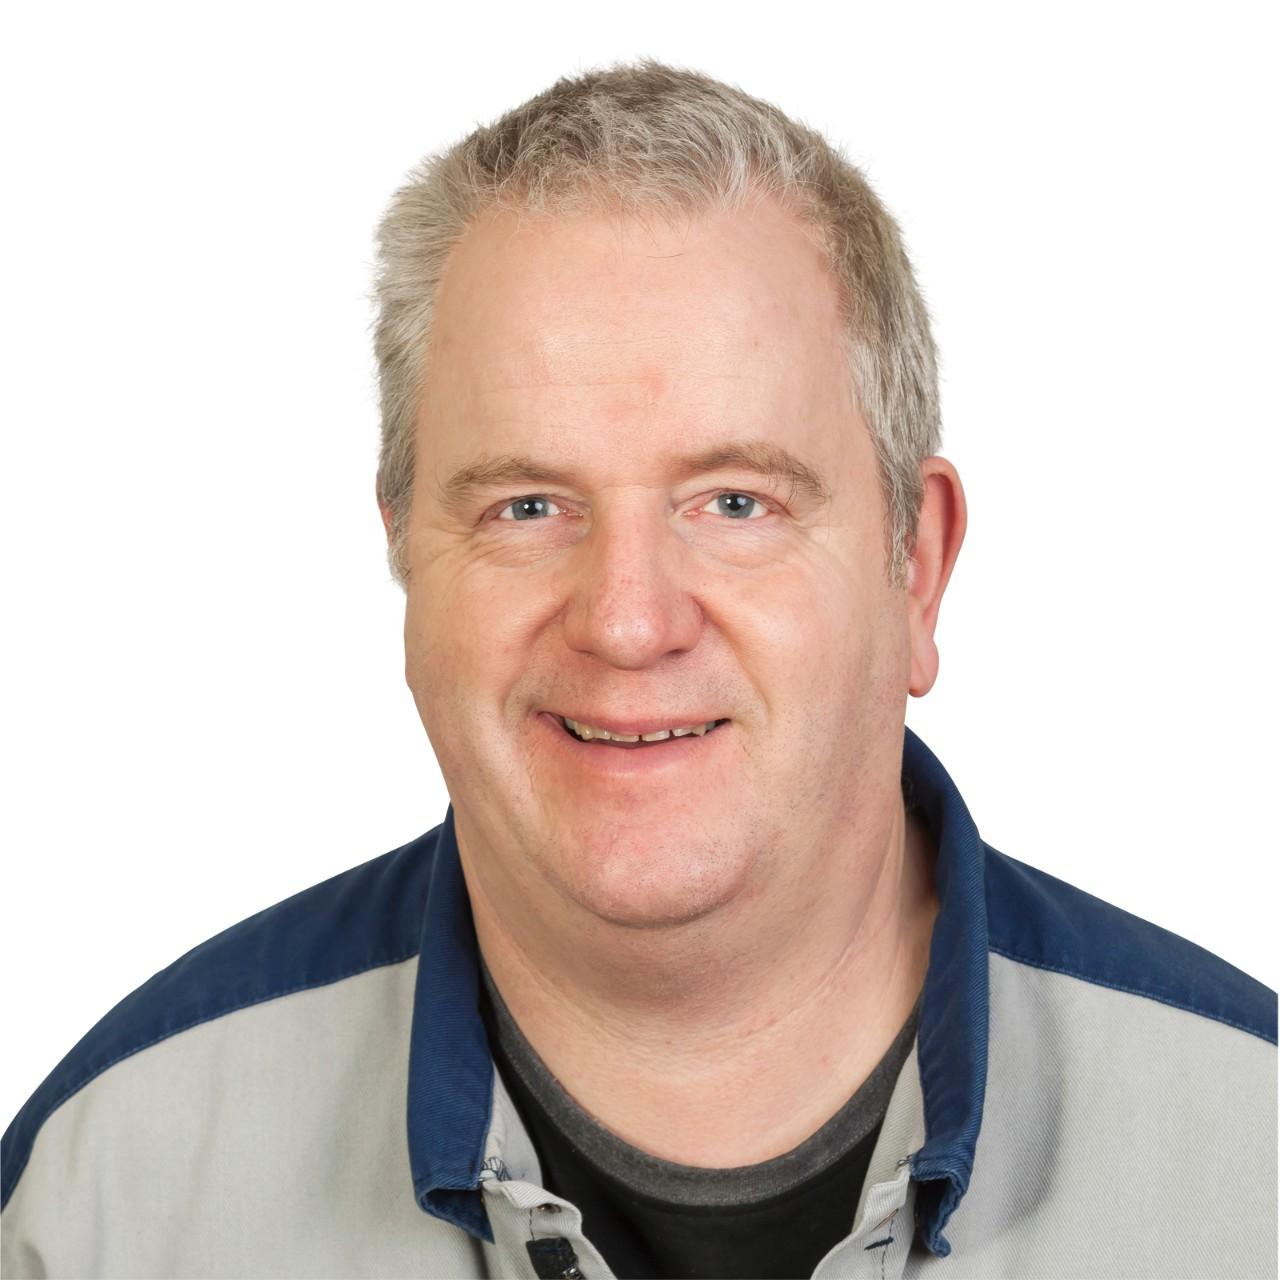 Christer Lindberg